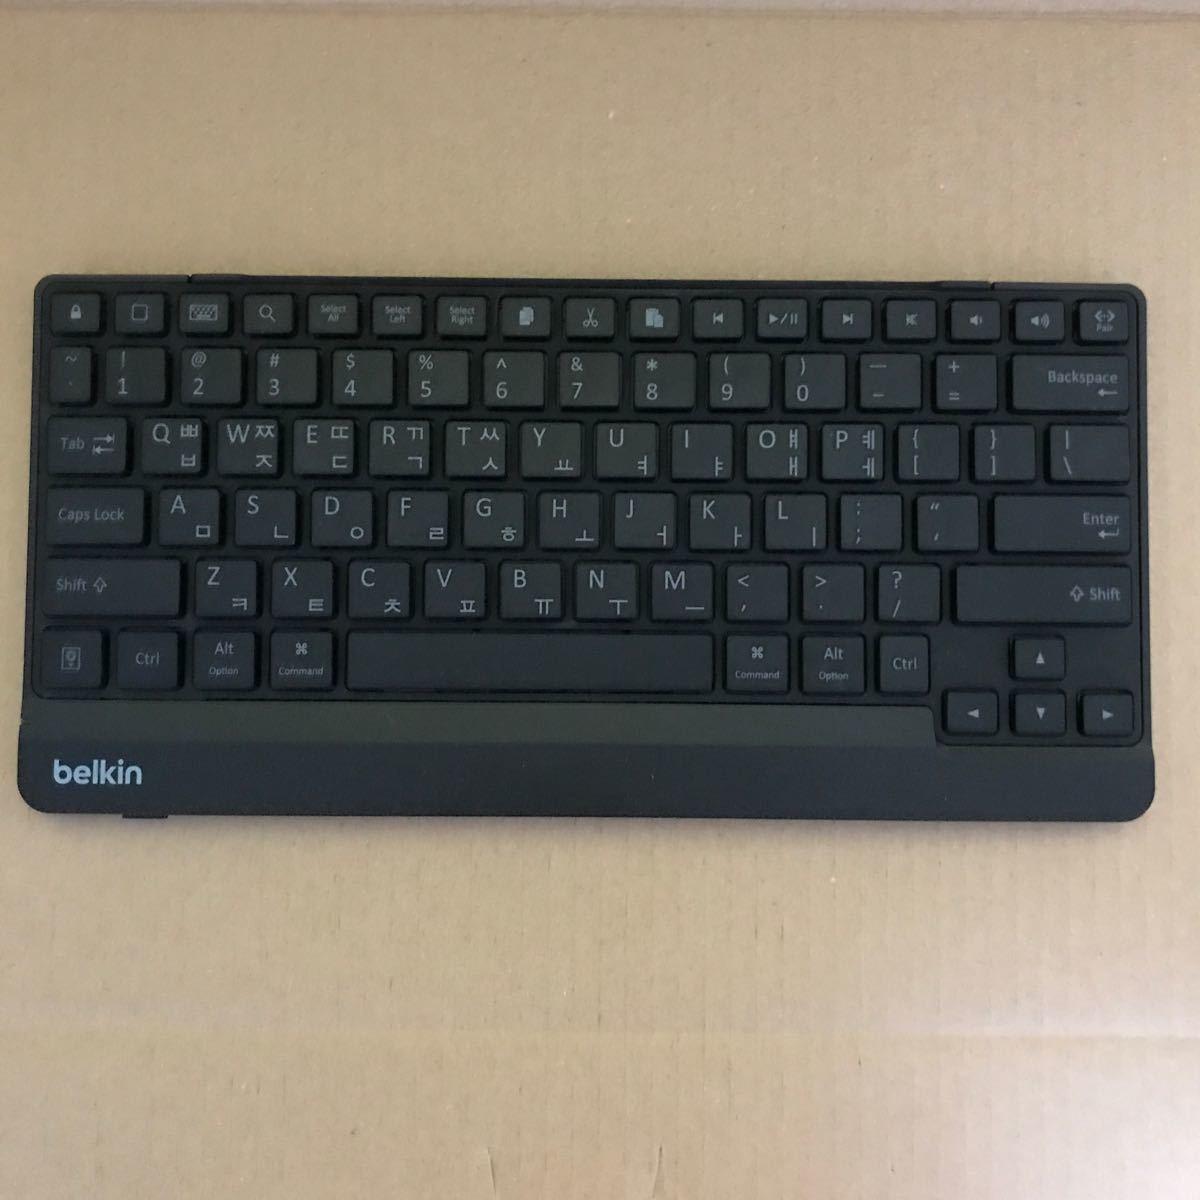 brlkin ワイヤレスキーボード